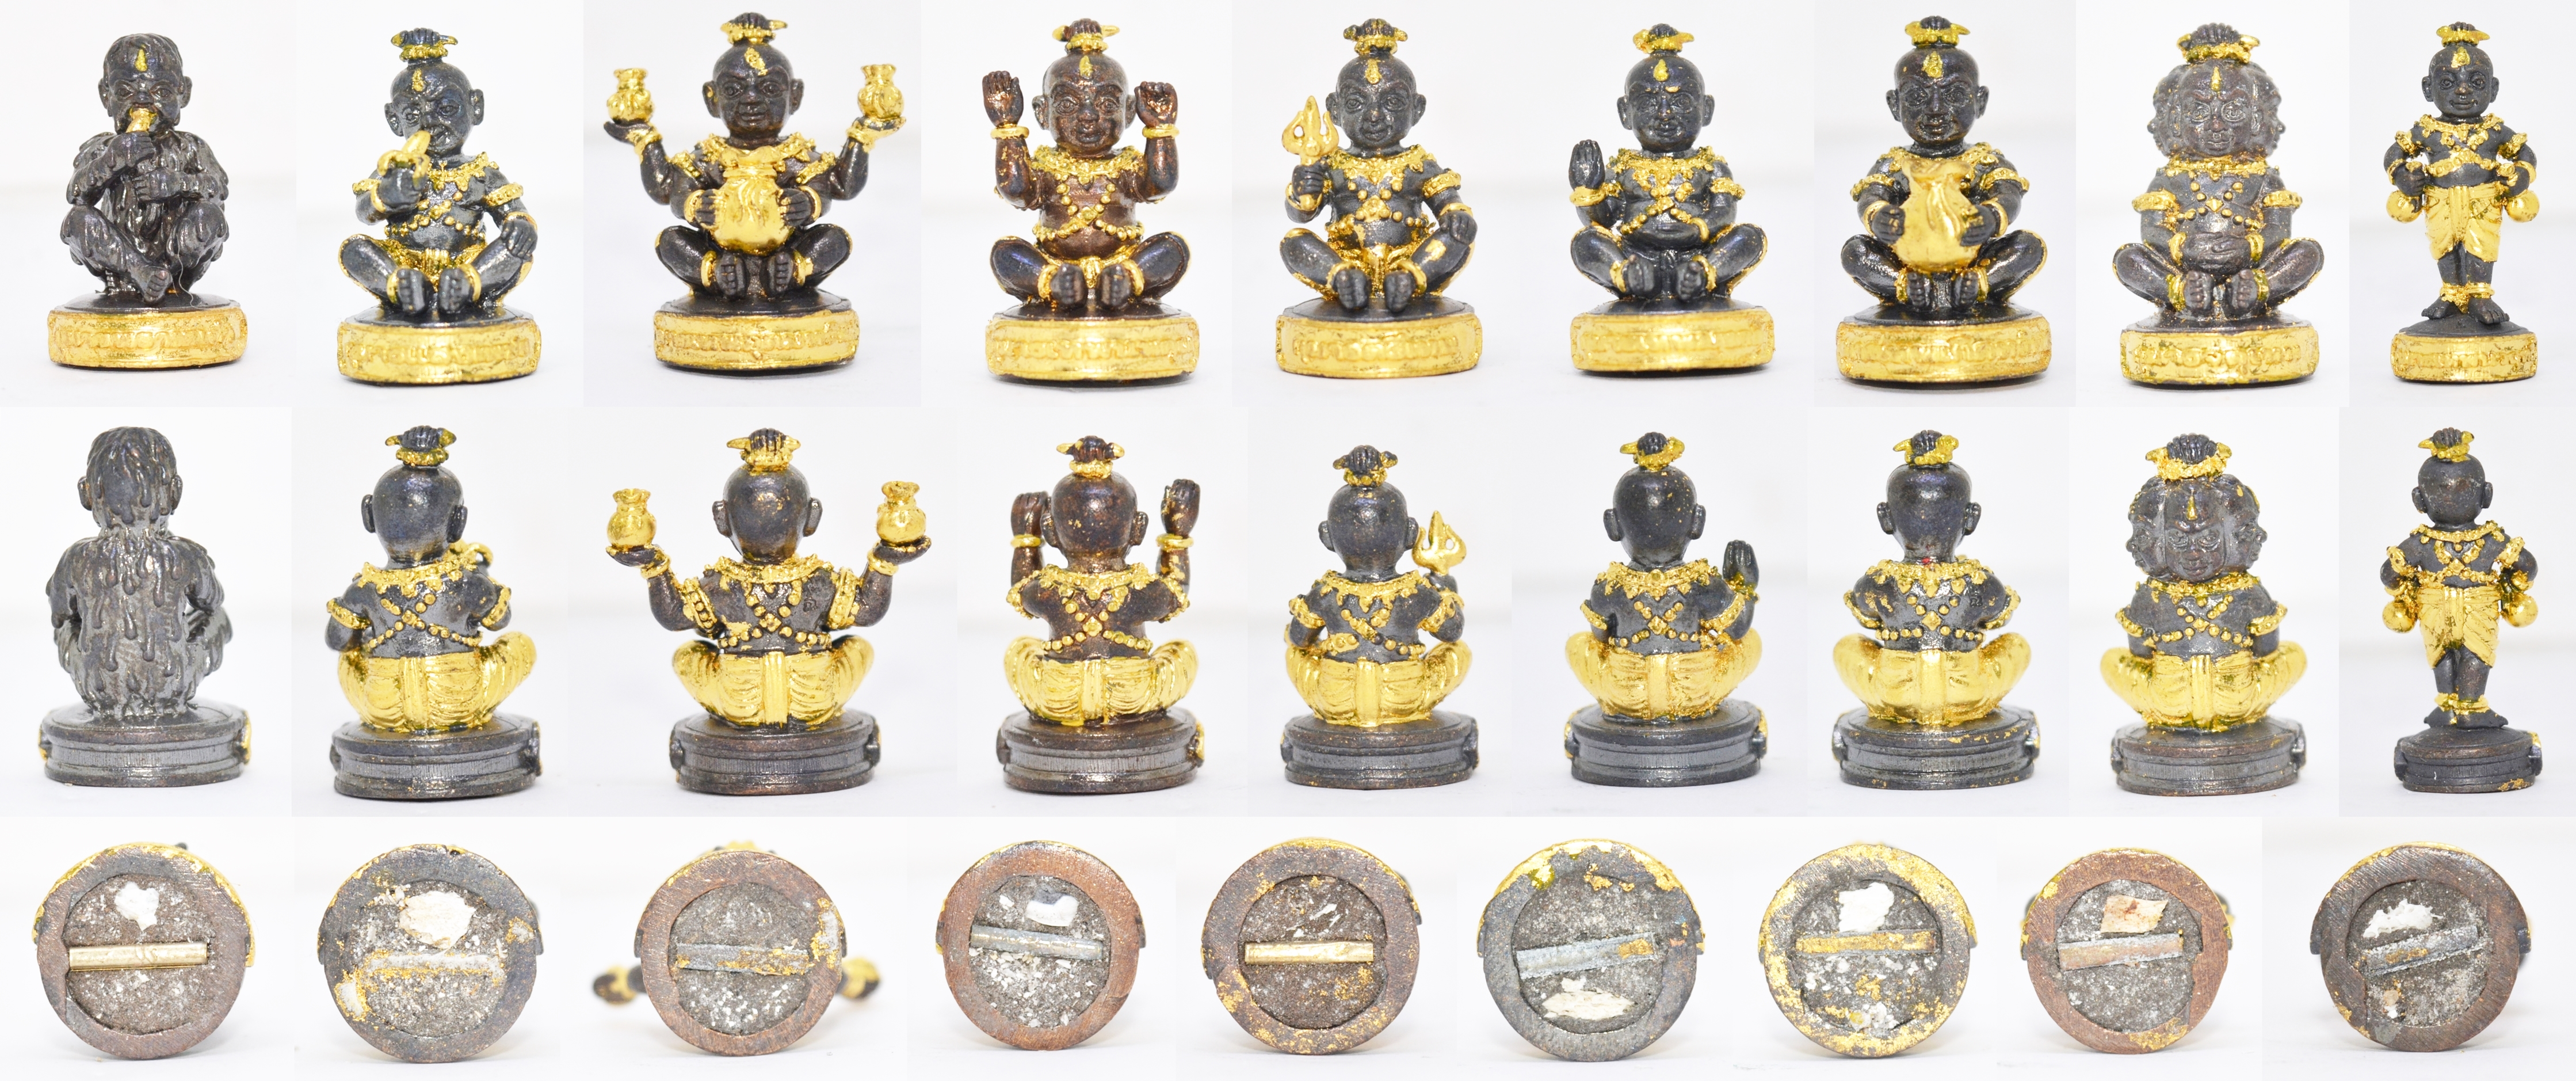 กุมารทอง ขนาดพกพา ชุดละ 9 องค์ รุ่นกำเนิดกุมารทอง หลวงปู่เณรแก้ว วัดบ้านเกษตรทุ่งเศรษฐี 2556